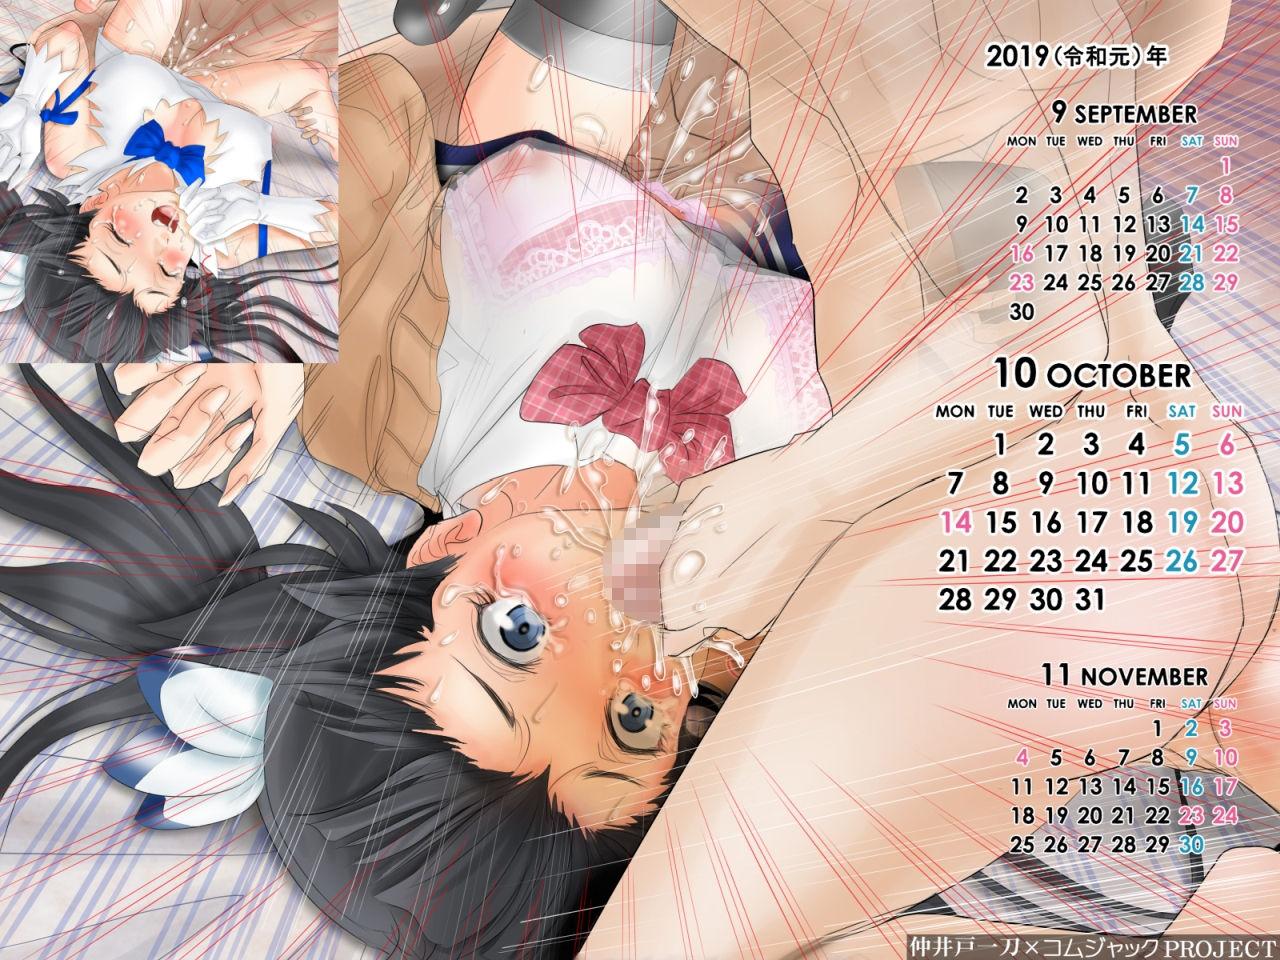 【ヘスティア 同人】【無料】衣替えの季節!処女神ヘス〇ィアが秋冬用の制服姿で3Pされている姿を描いた壁紙カレンダー10月用